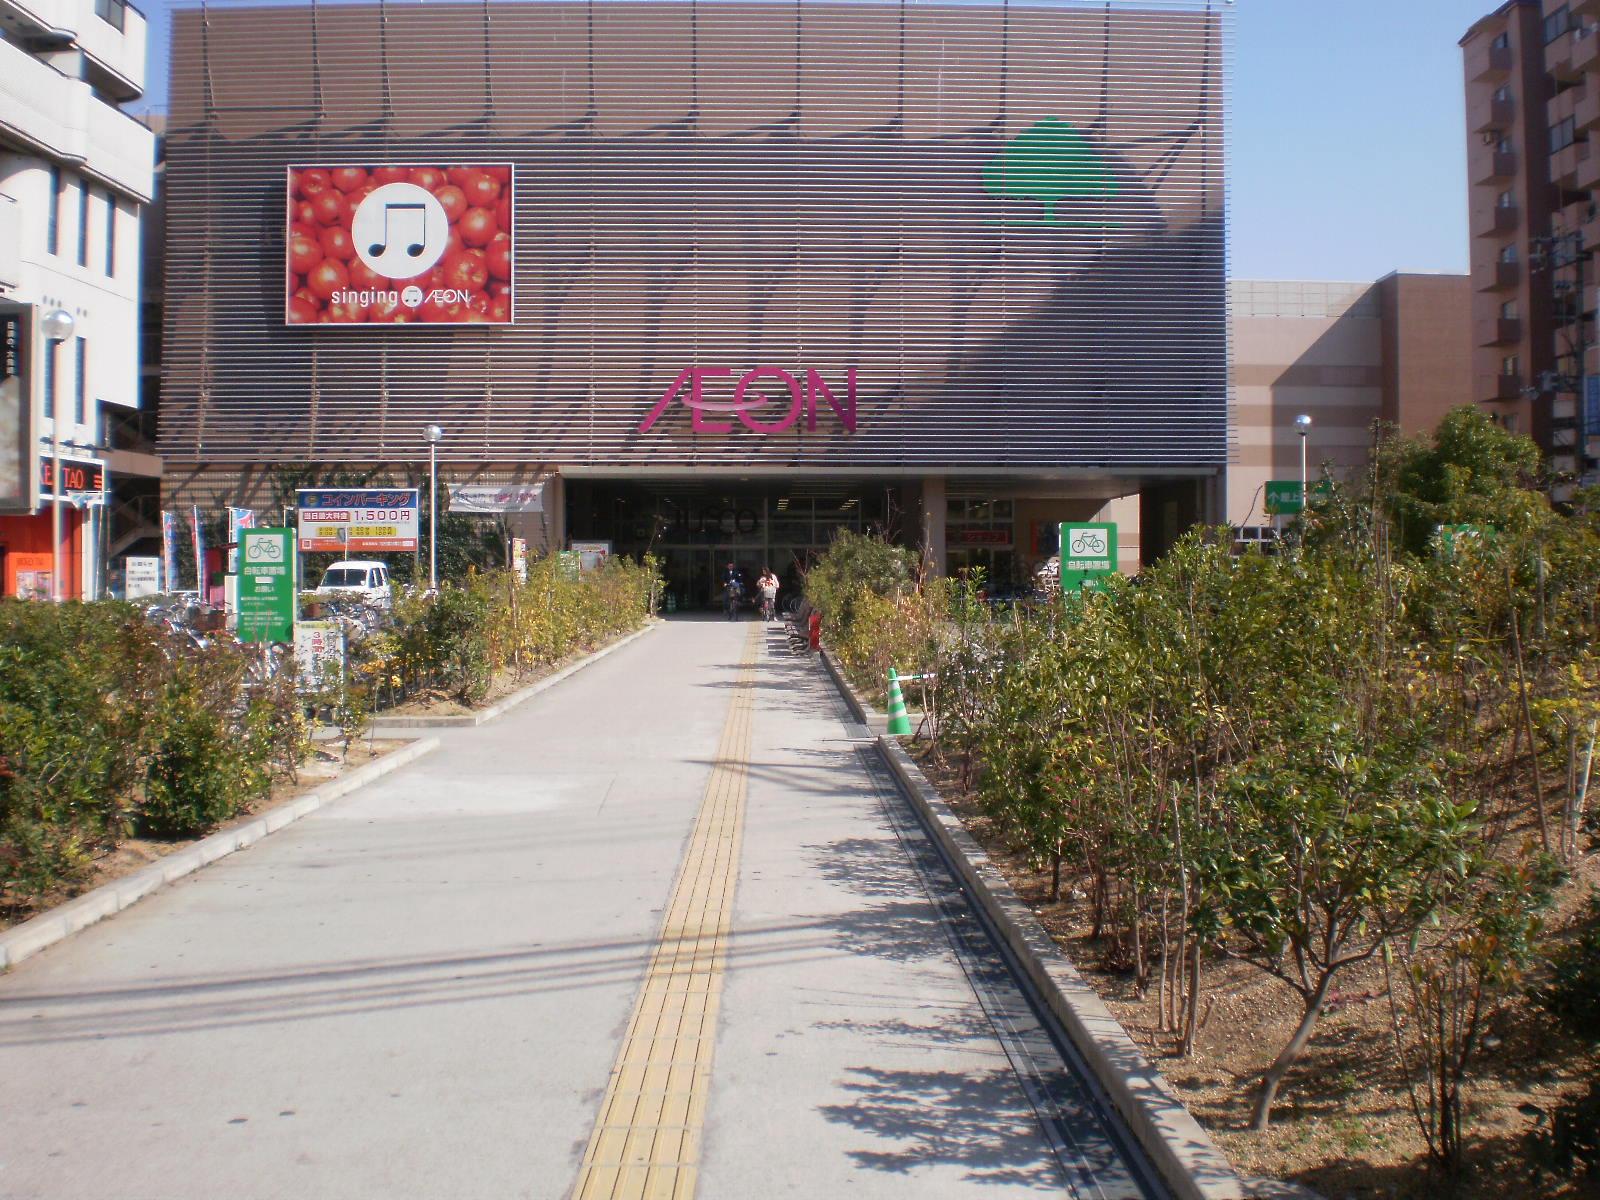 ショッピングセンター ライトオン喜連瓜破イオン店(ショッピングセンター)まで1154m